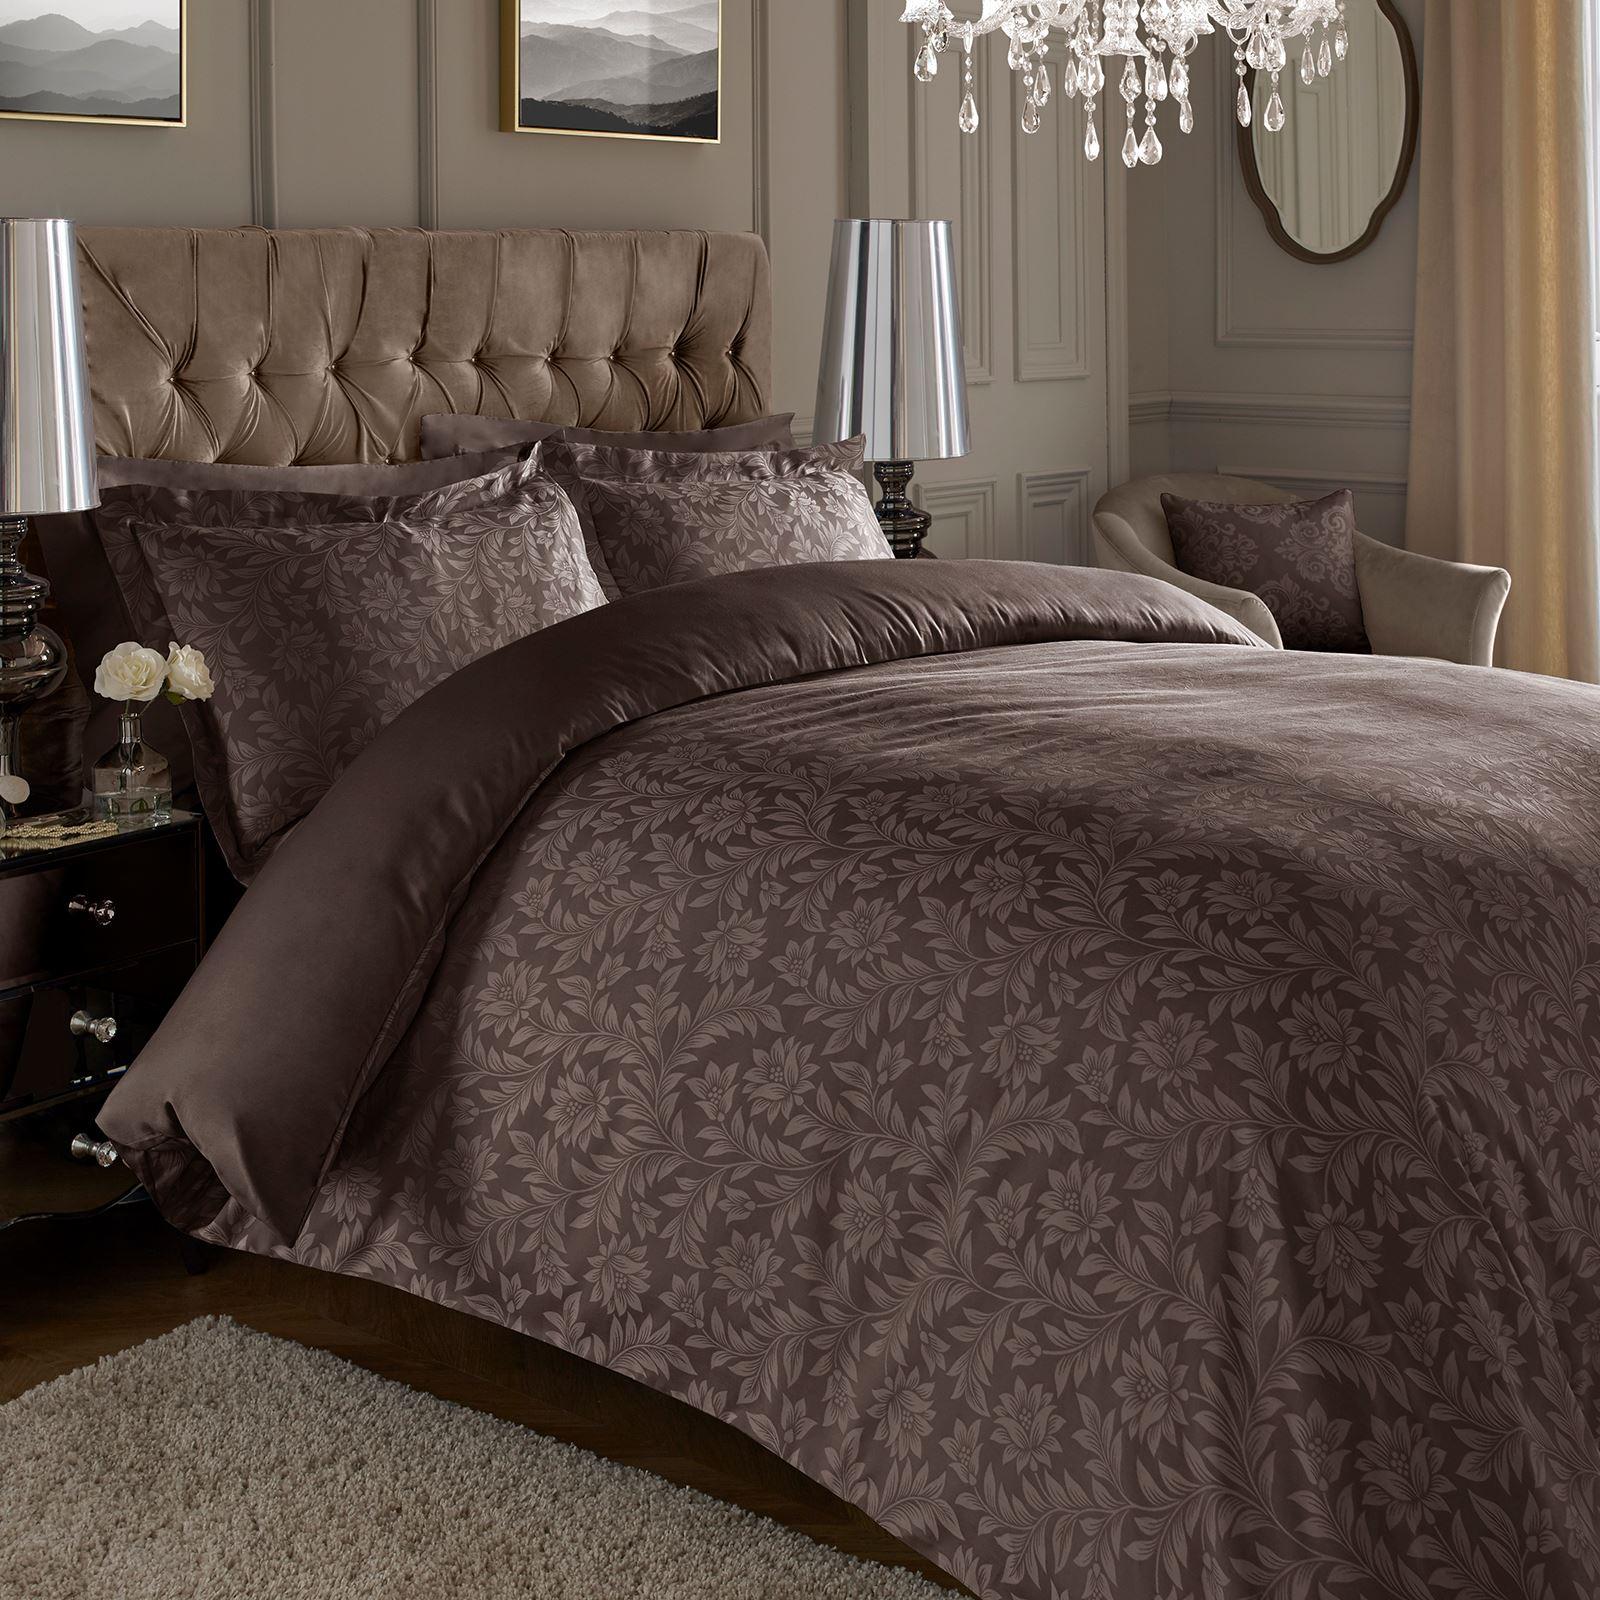 Jacquard-600-Hilos-De-Algodon-Rico-Floral-Duvet-Cover-Set-Fundas-de-almohada-Oxford miniatura 10